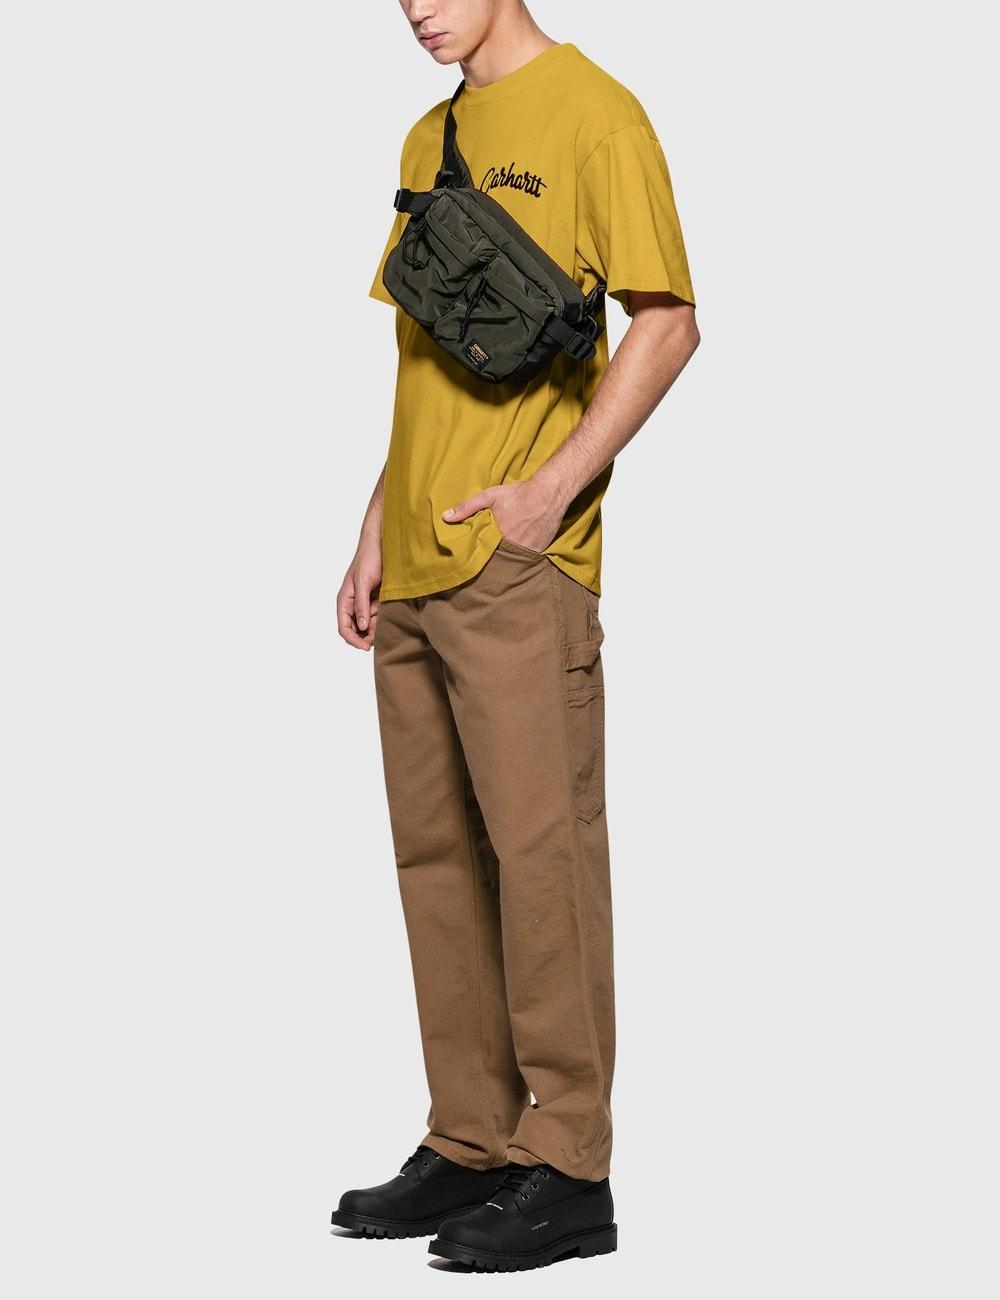 本日嚴選 10 款「側背包」入手推介